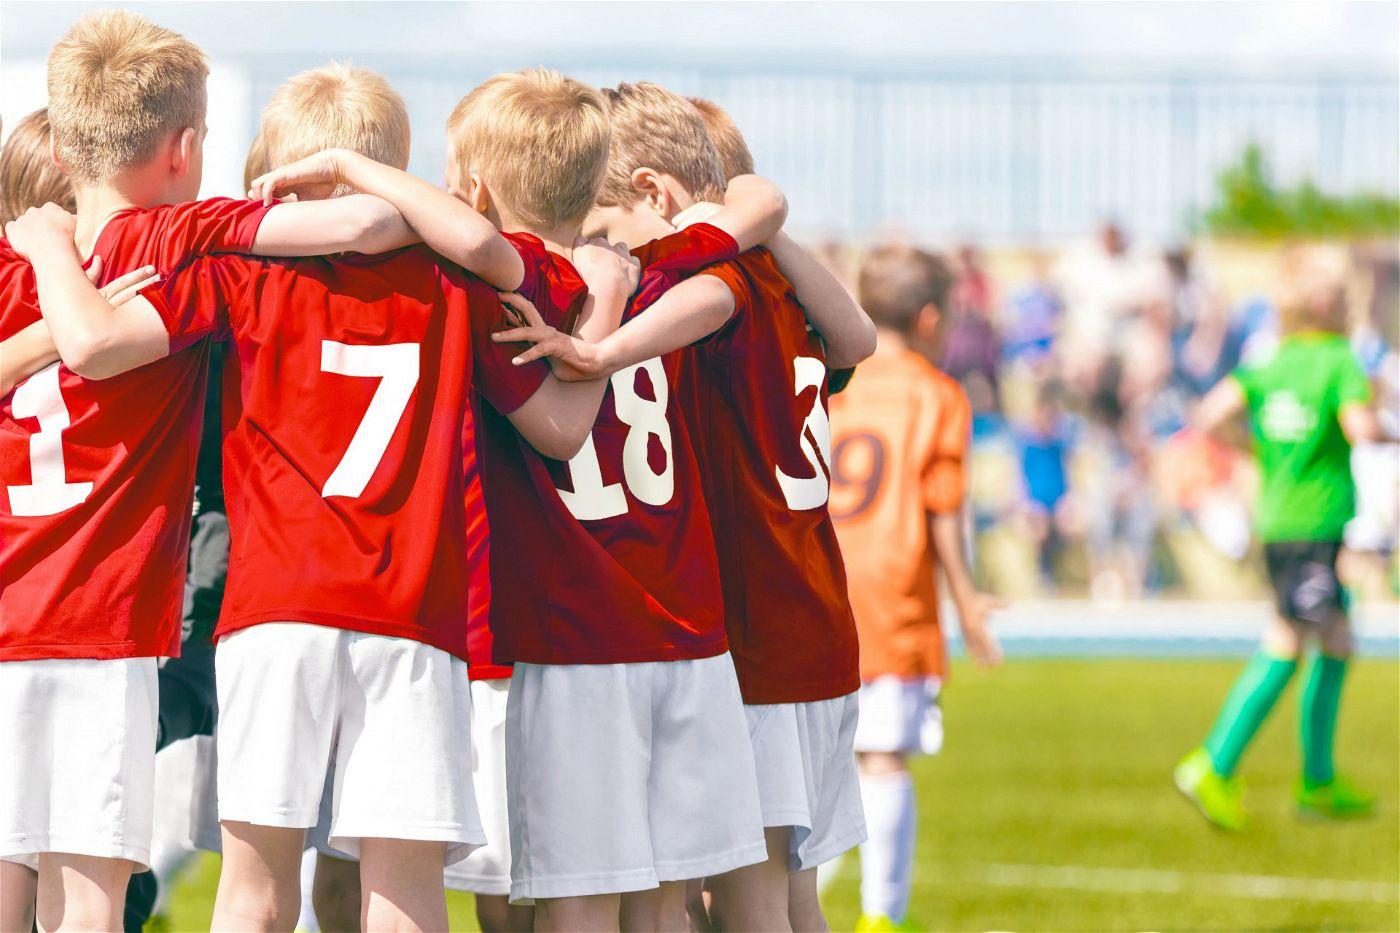 Mannschaftssport: Im Team mit Freunden macht Bewegung gleich doppelt Spaß.